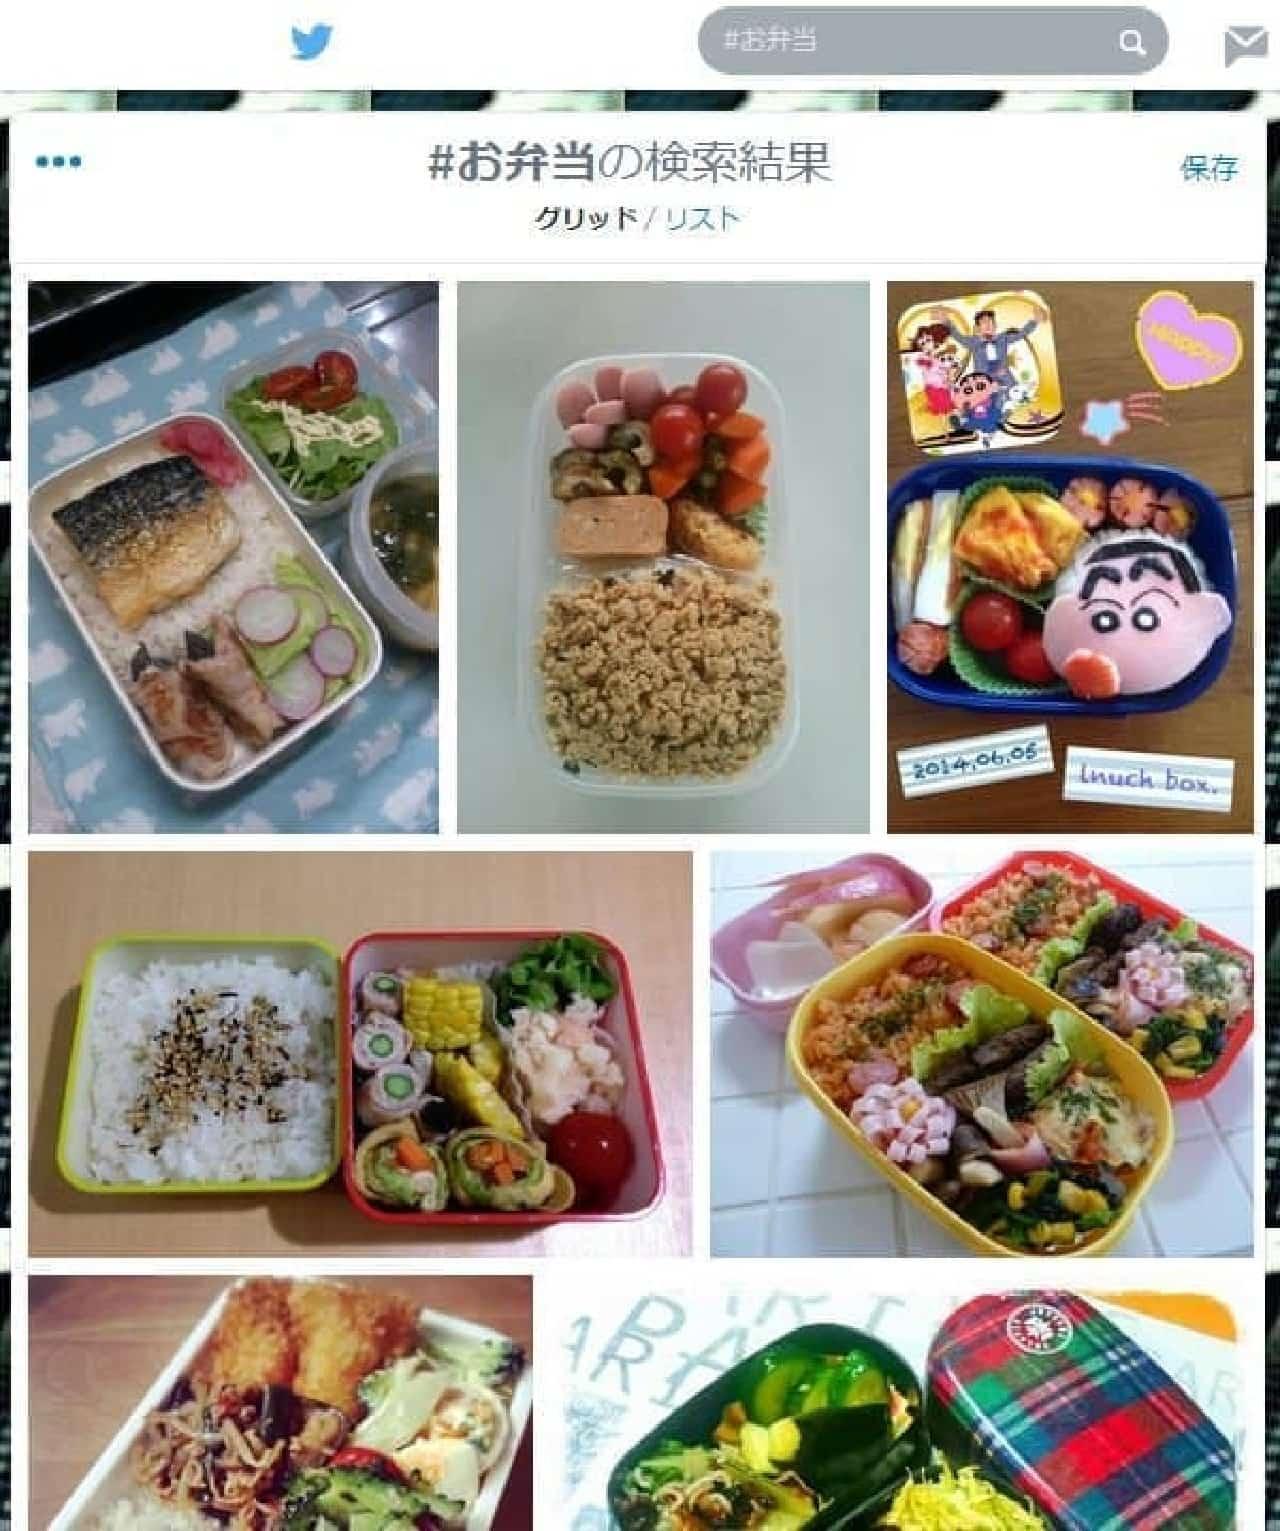 「#お弁当」の Twitter 画像検索結果